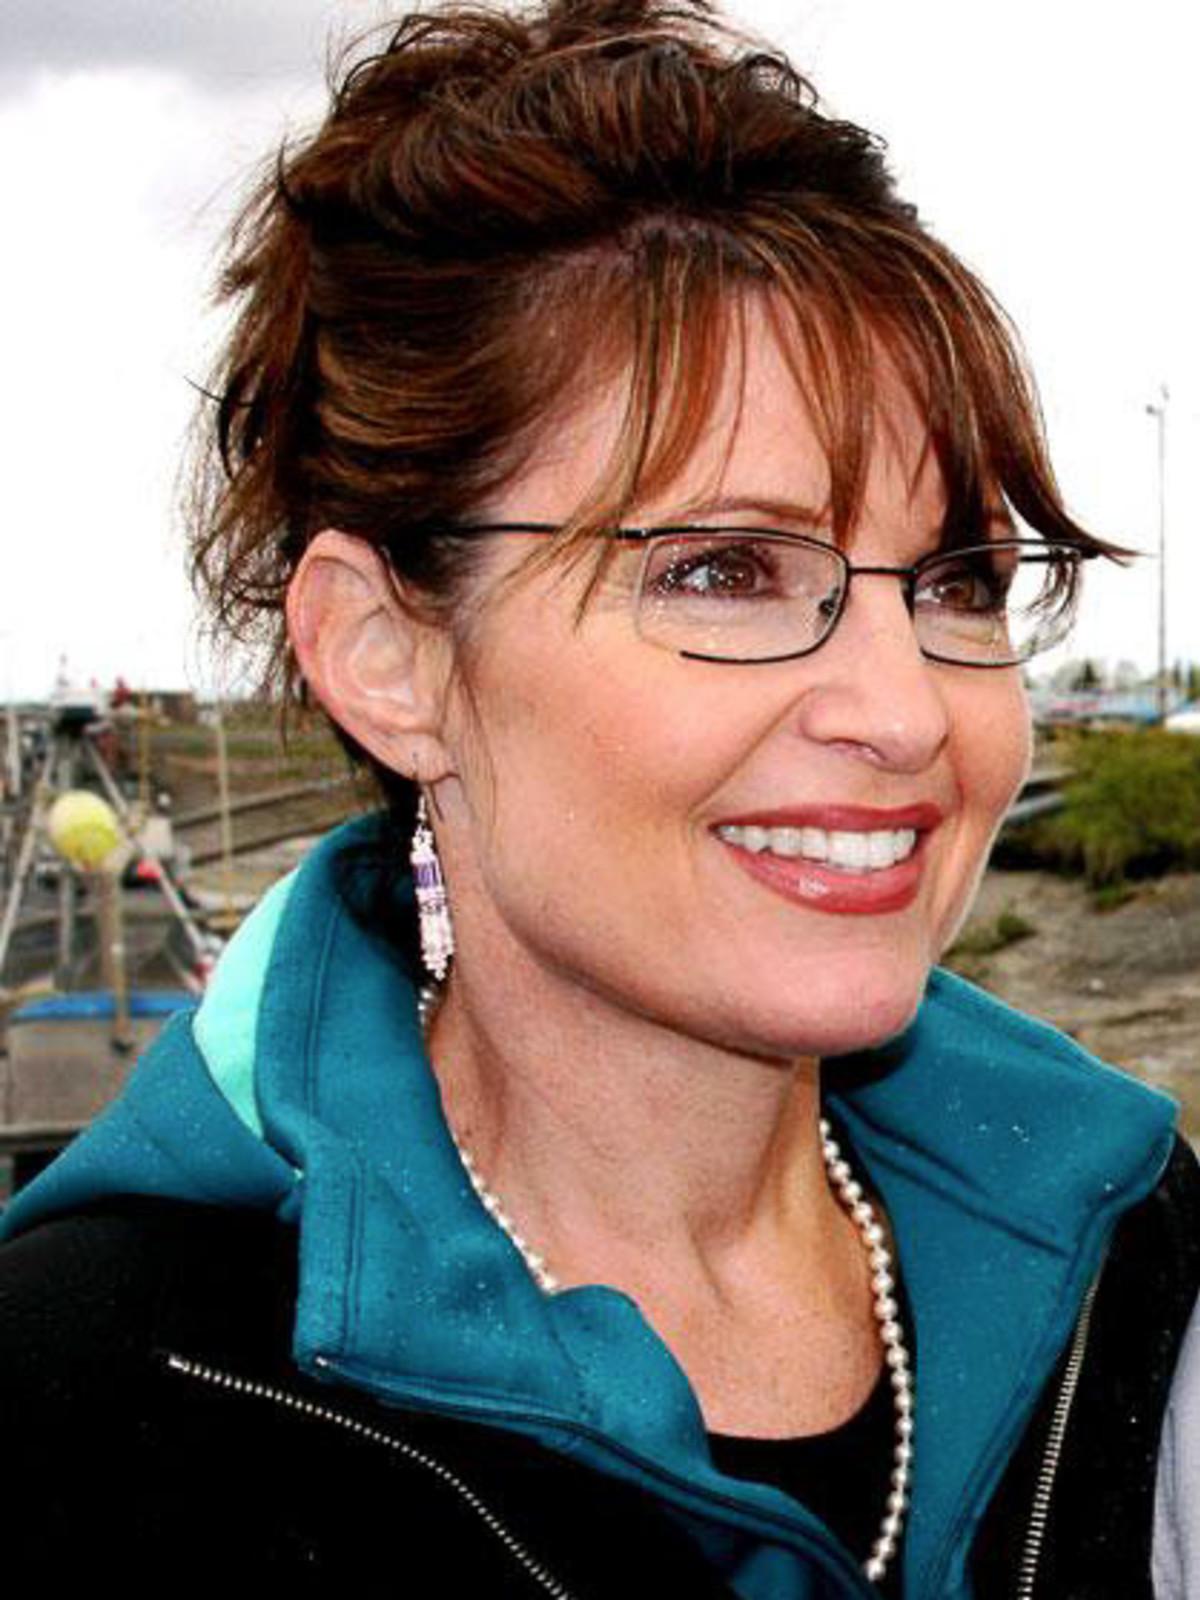 News_Sarah Palin_closeup_blue warmup